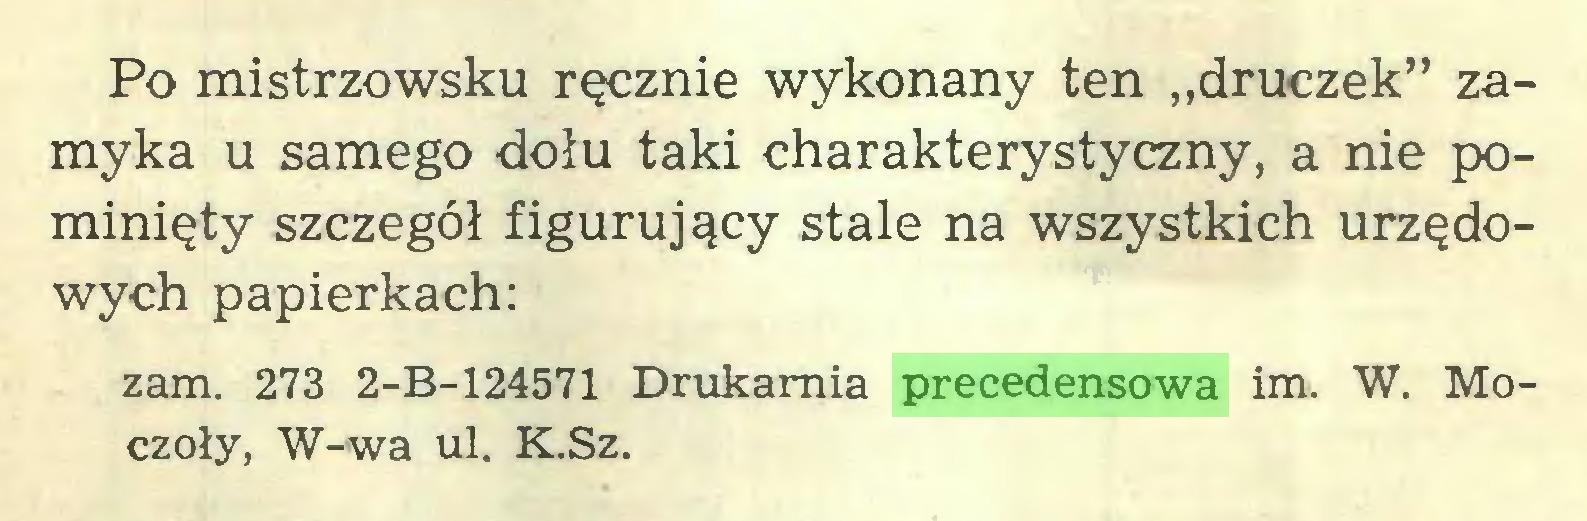 """(...) Po mistrzowsku ręcznie wykonany ten """"druczek"""" zamyka u samego dołu taki charakterystyczny, a nie pominięty szczegół figurujący stale na wszystkich urzędowych papierkach: zam. 273 2-B-124571 Drukarnia precedensowa im. W. Moczoły, W-wa ul. K.Sz..."""